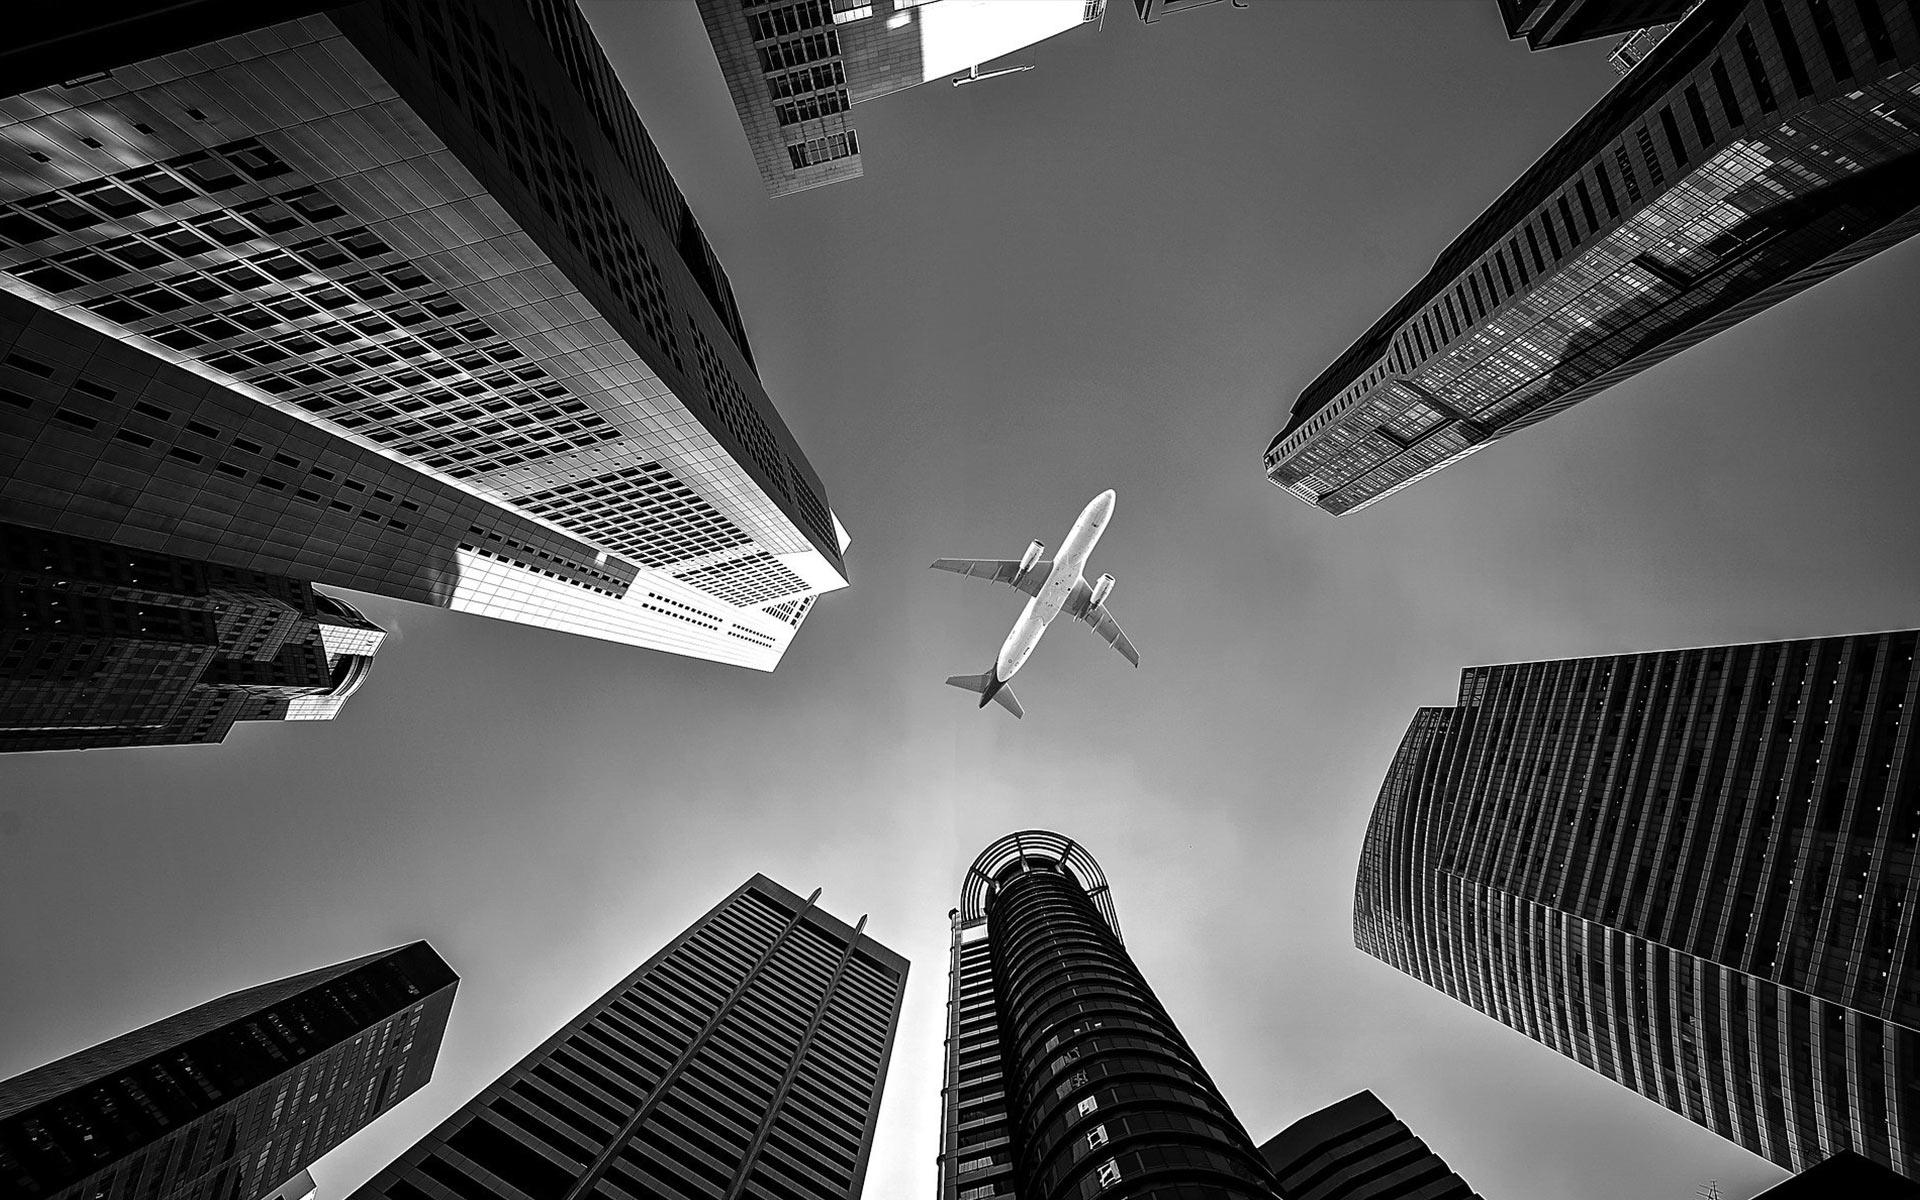 【シリーズ・都市伝説】35年の時を超えて「サンチアゴ航空513便事件」